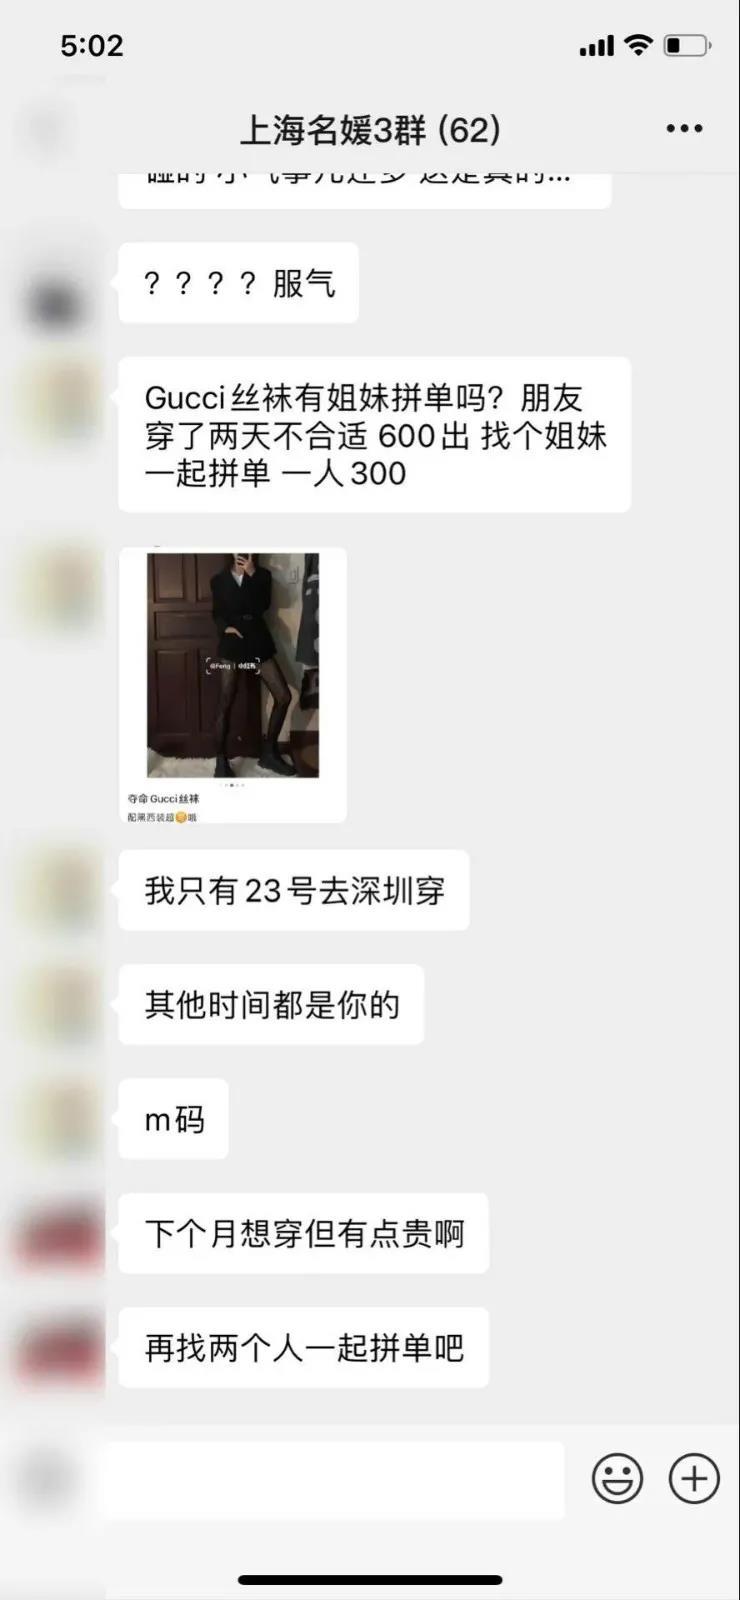 微信图片_20201016171008